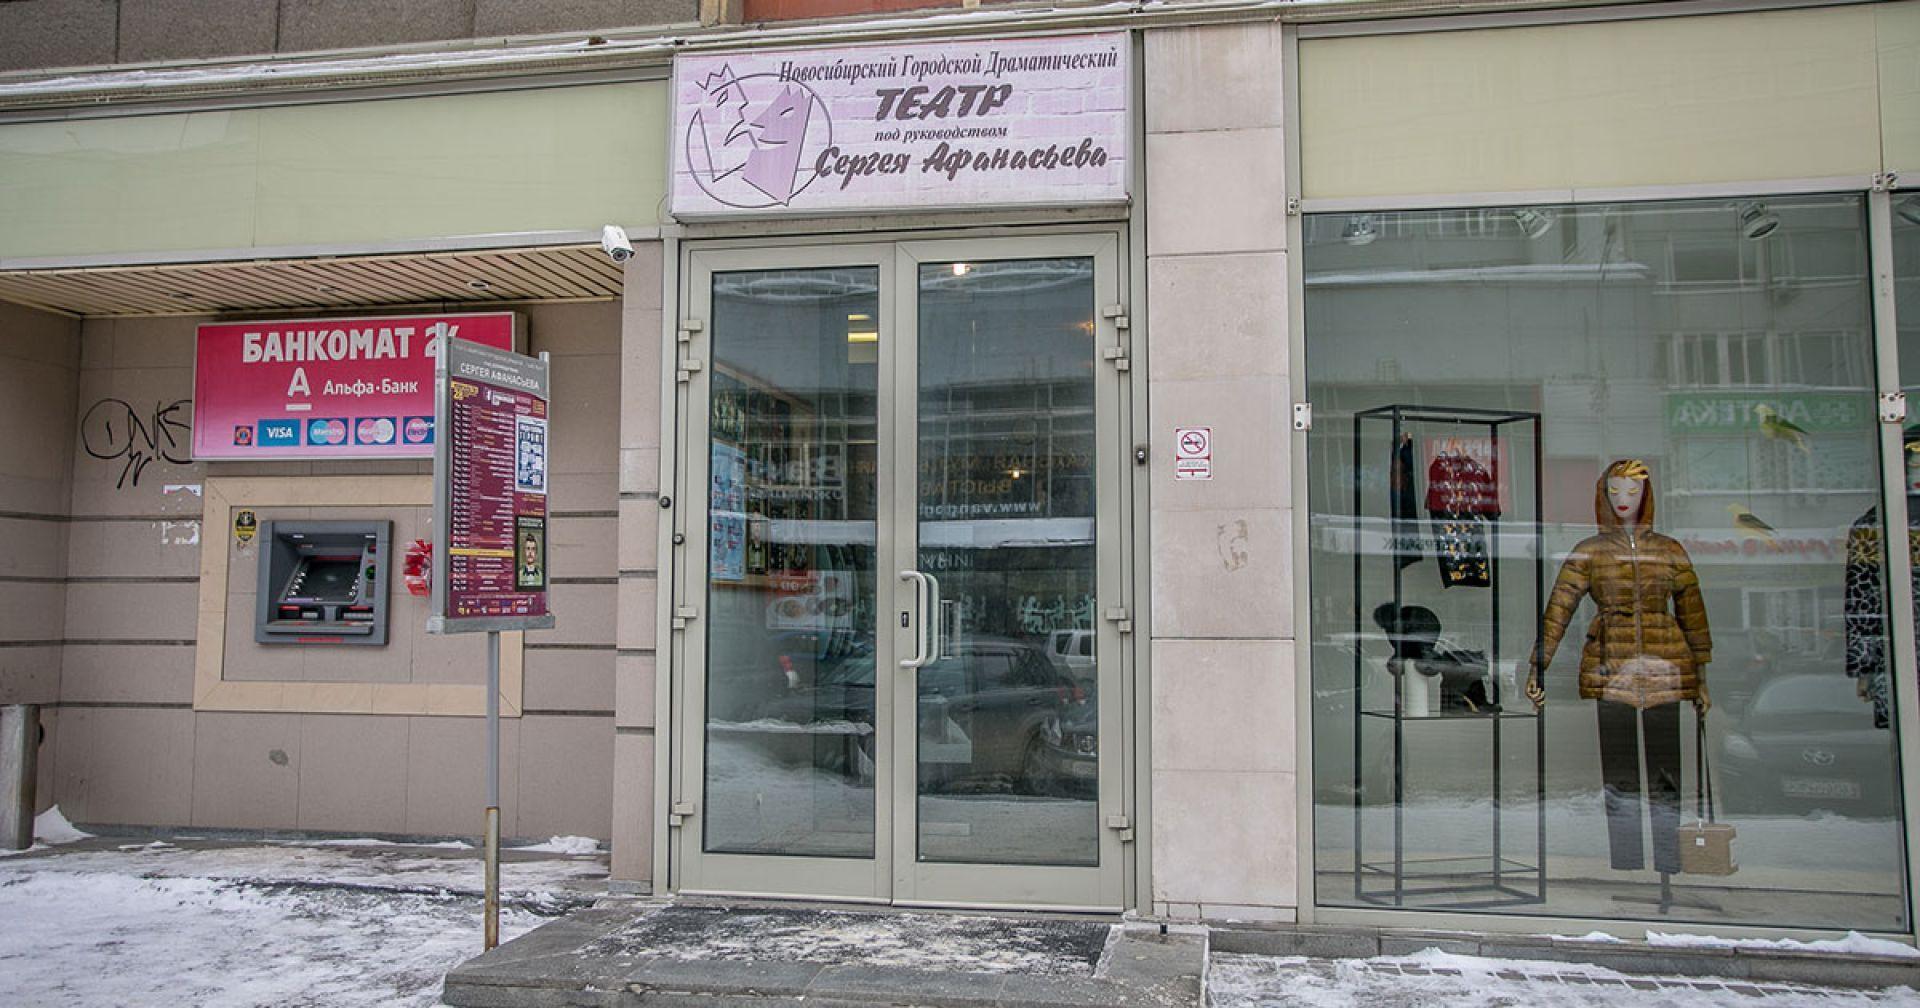 Губернатор пообещал решить вопрос с размещением «Театра Афанасьева»